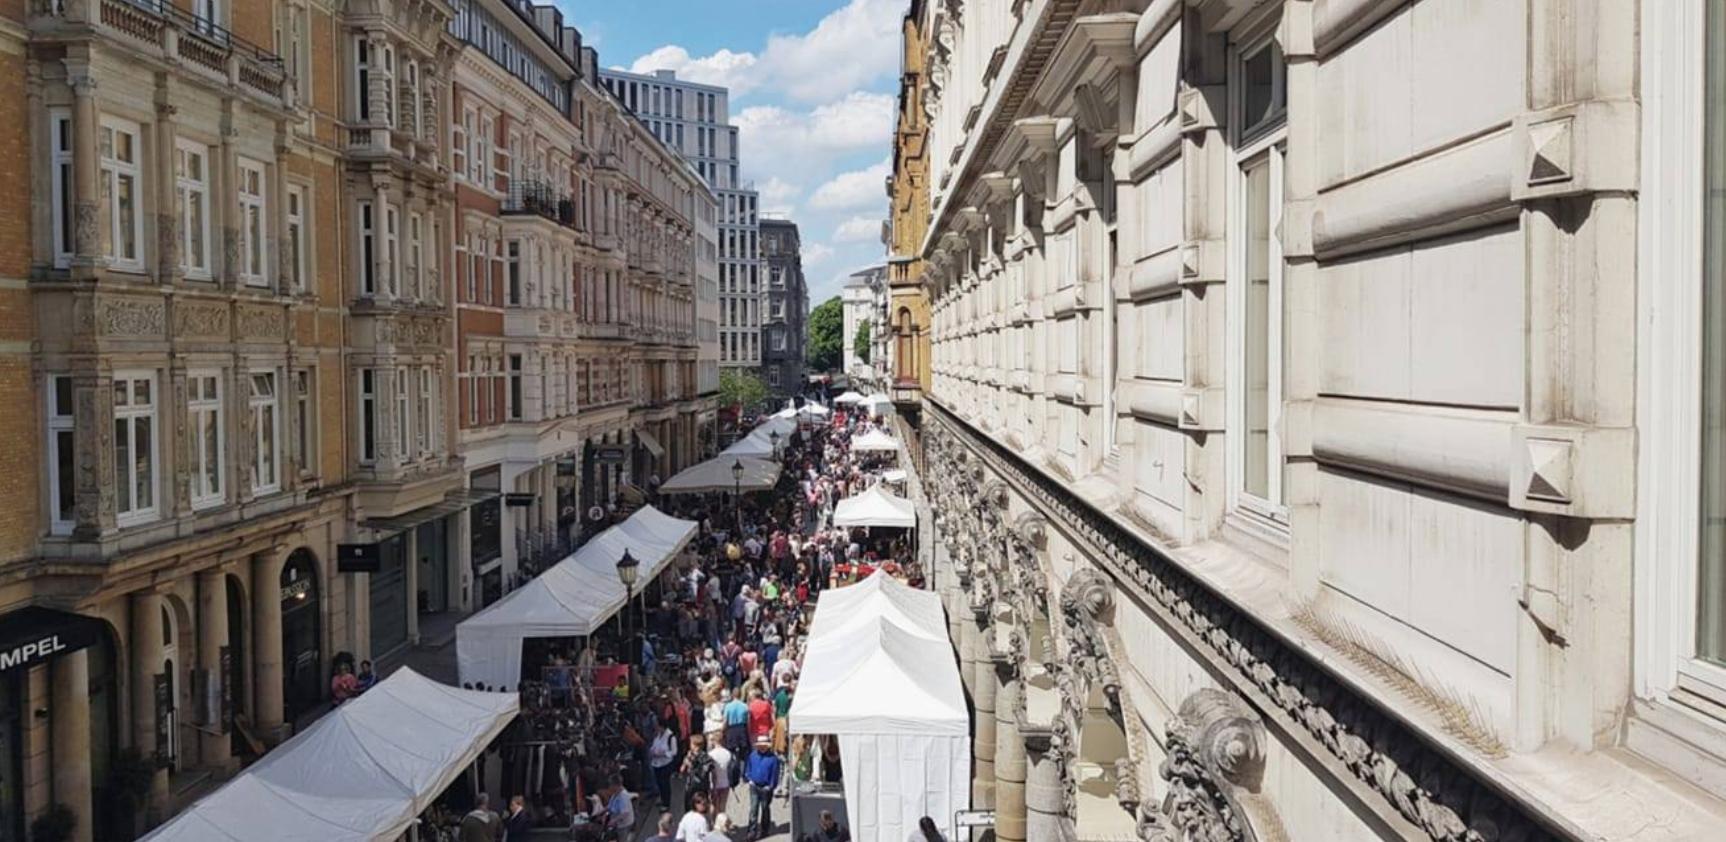 Worauf wartest du? Stöbere dich durch den Colonnaden Antique & Design Market!